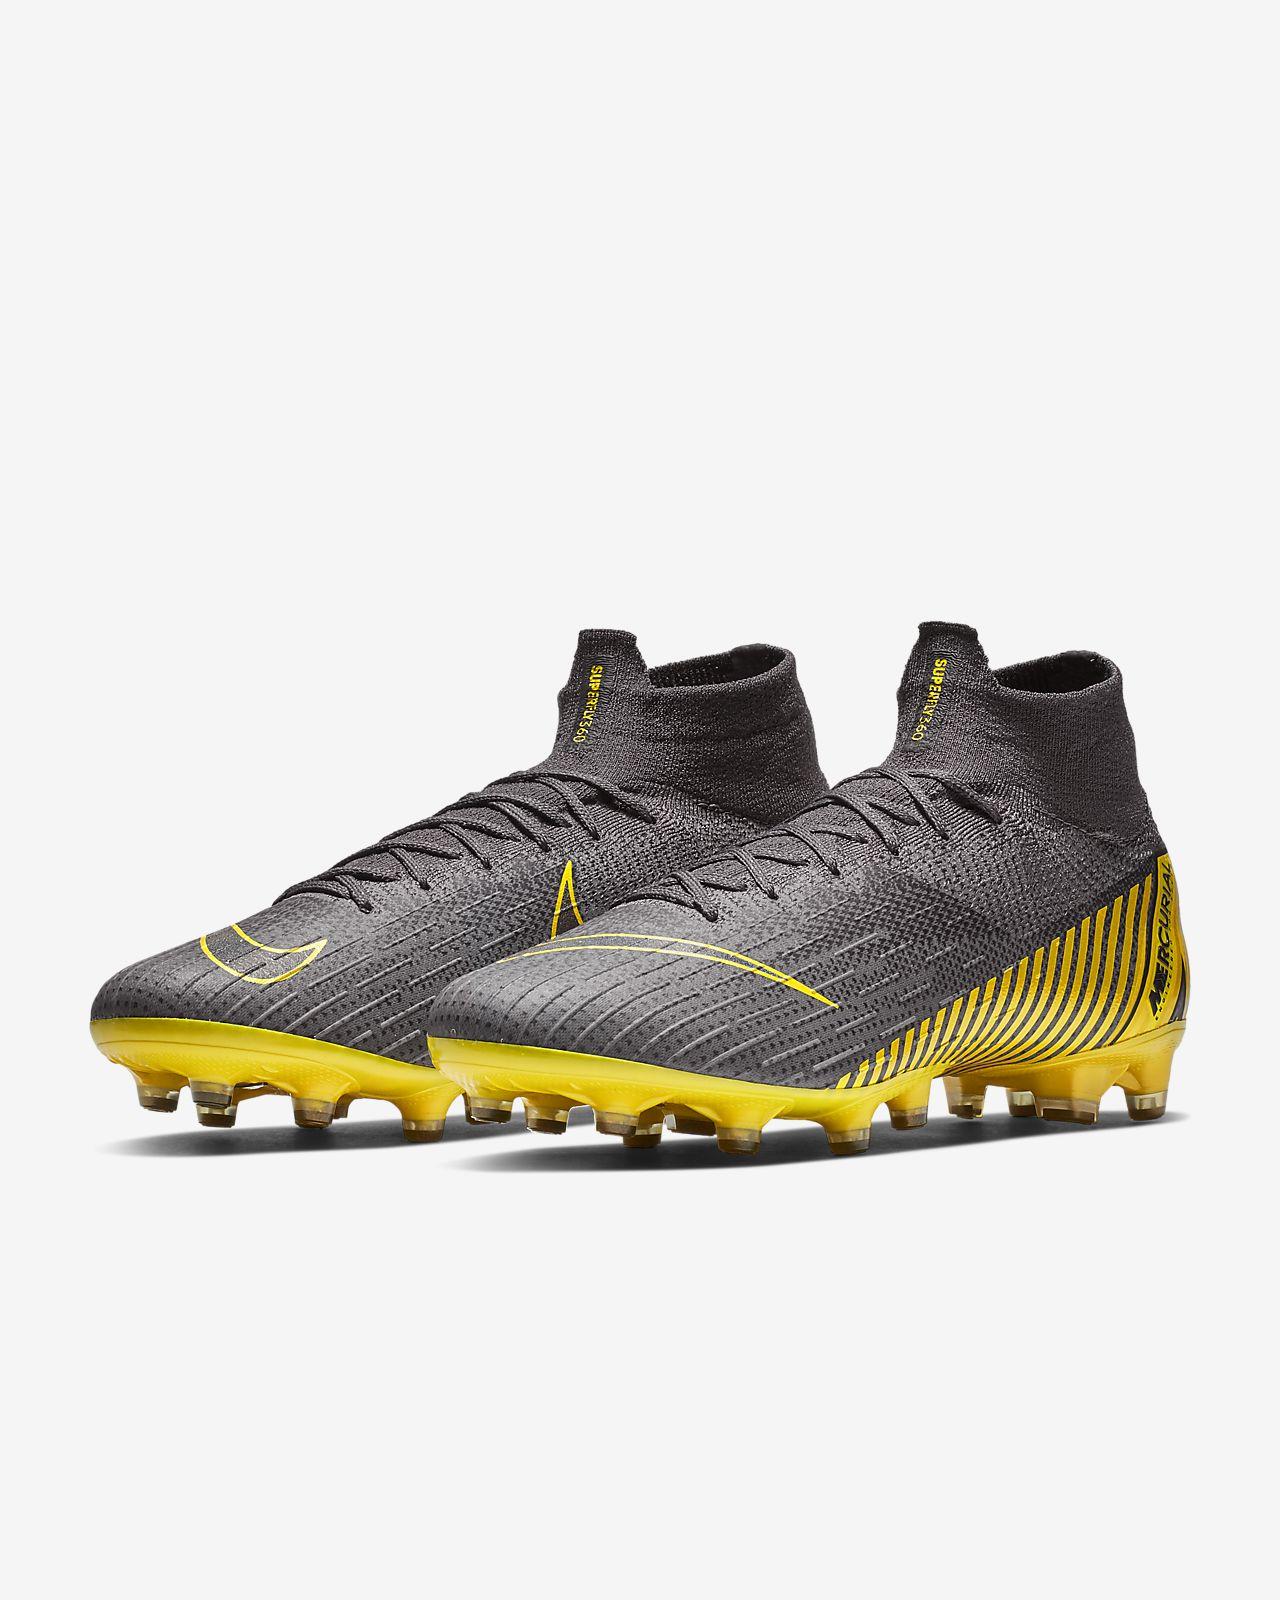 Ag Pour Terrain Superfly 360 De À Synthétique Nike Chaussure Pro Mercurial Elite Football Crampons CoWrdxeB